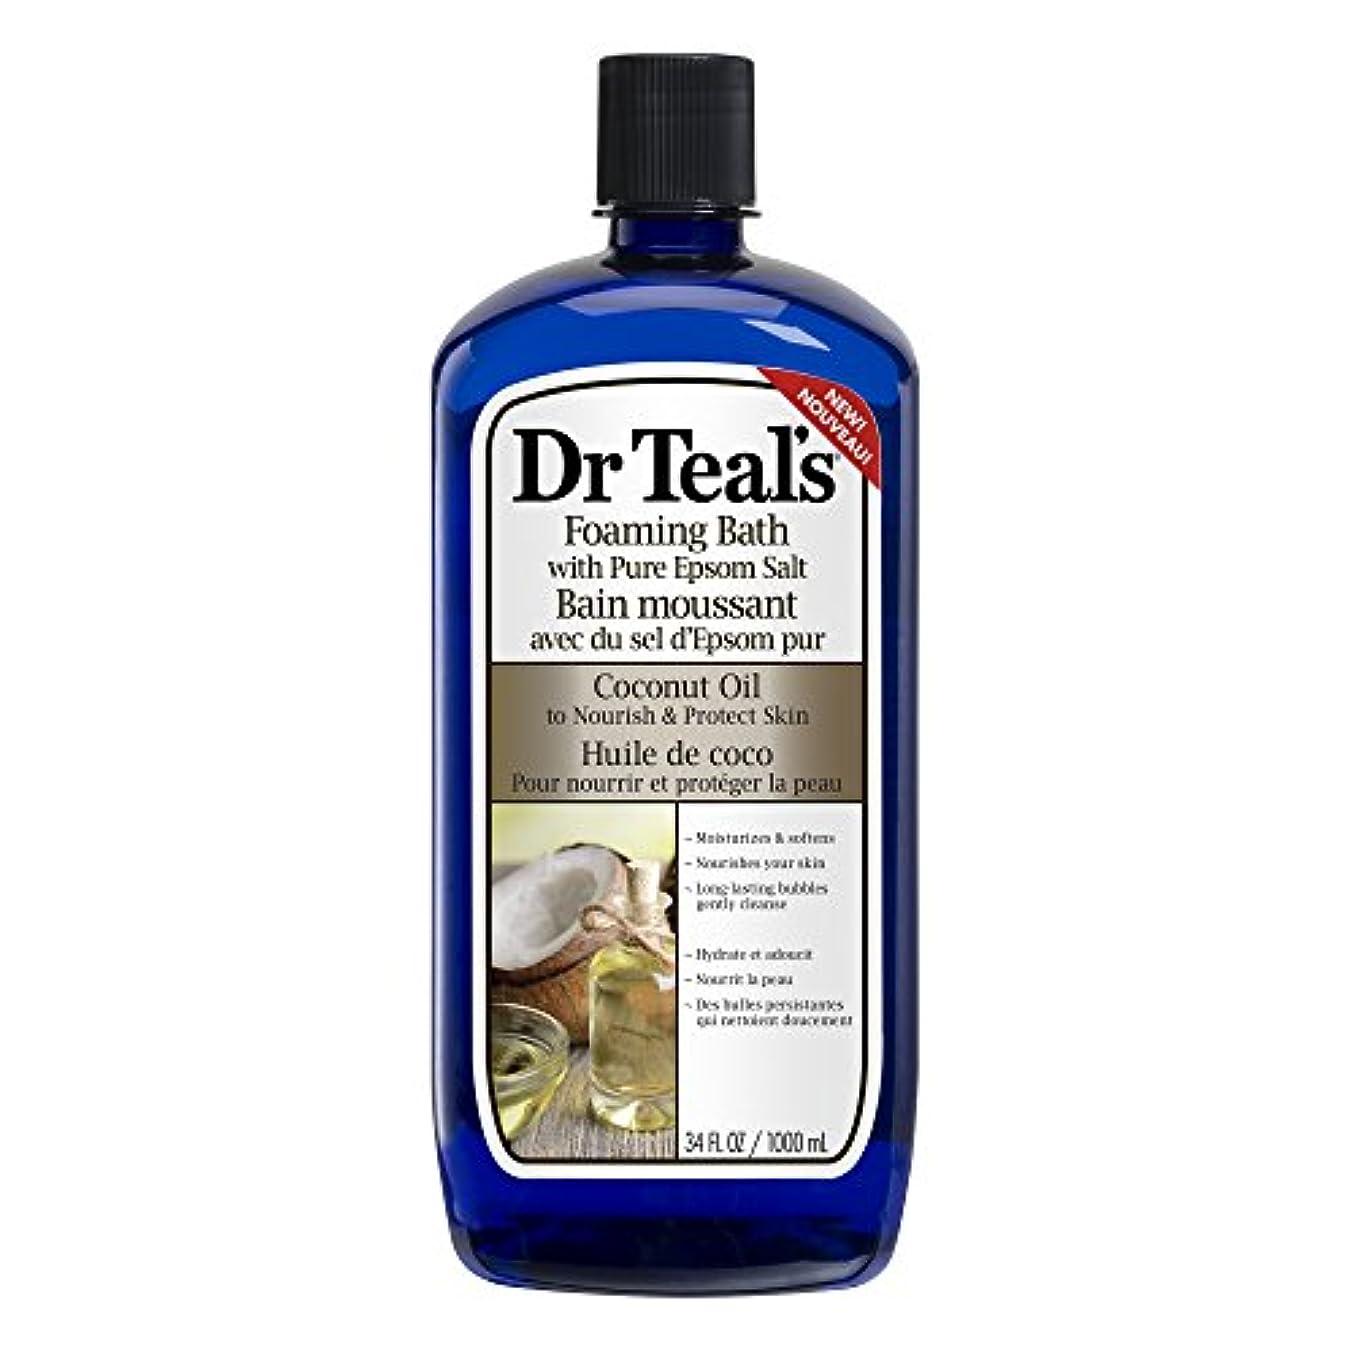 爆発終わらせる出血Dr Teal's 博士Tealsココナッツオイルフォーミングバス、34オンス